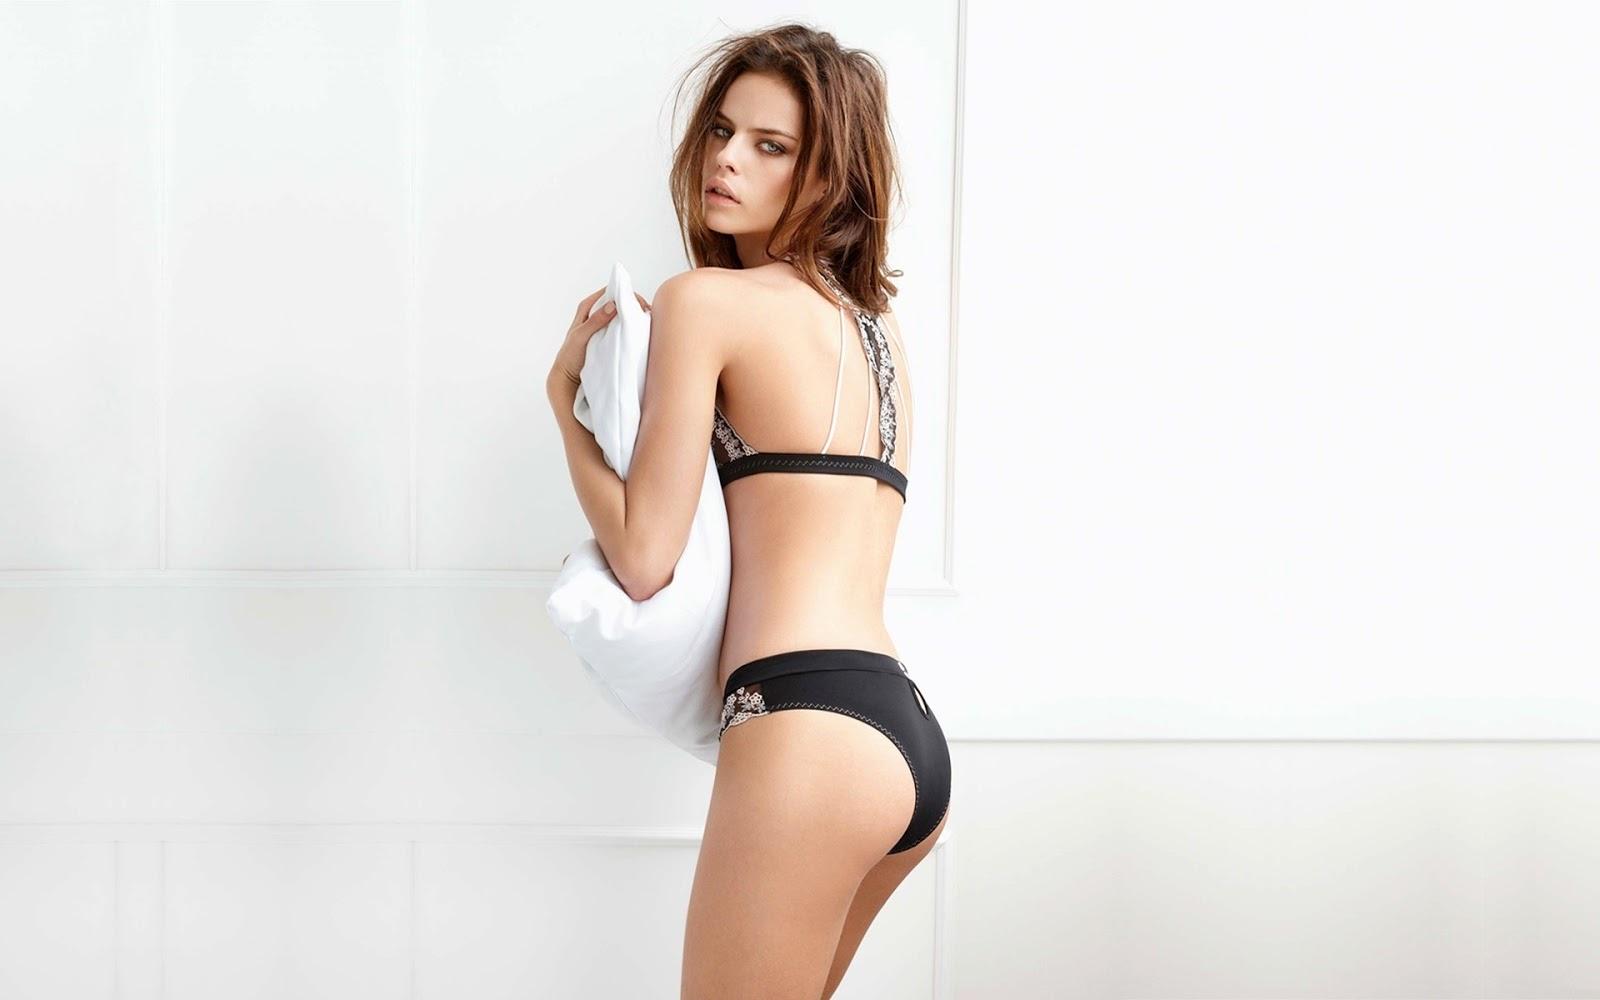 http://3.bp.blogspot.com/-7m-j_hQ5RGc/UJu-jToHm3I/AAAAAAAASbk/LOTuRrz8ETQ/s1600/Daniela-freitas-hot+(12).jpg